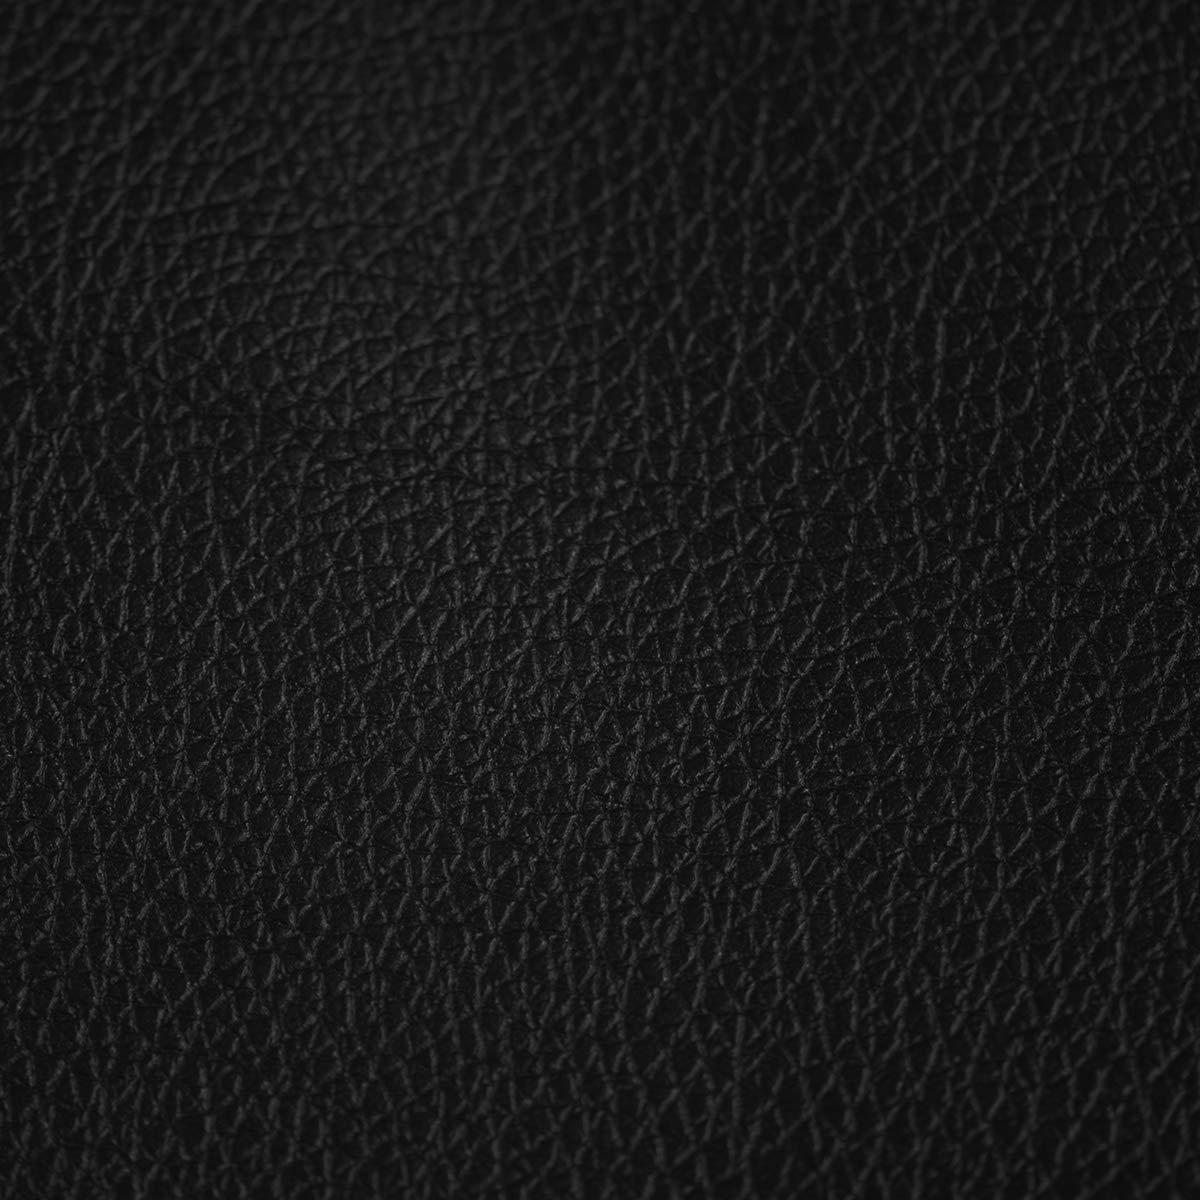 Divano con 2 Cuscini Braccioli in Ecopelle Panama Divano Letto 3 Posti in Ecopelle Ecopelle 181 x 81 x 85 Nero Divano Reclinabile con Piedi in Metallo